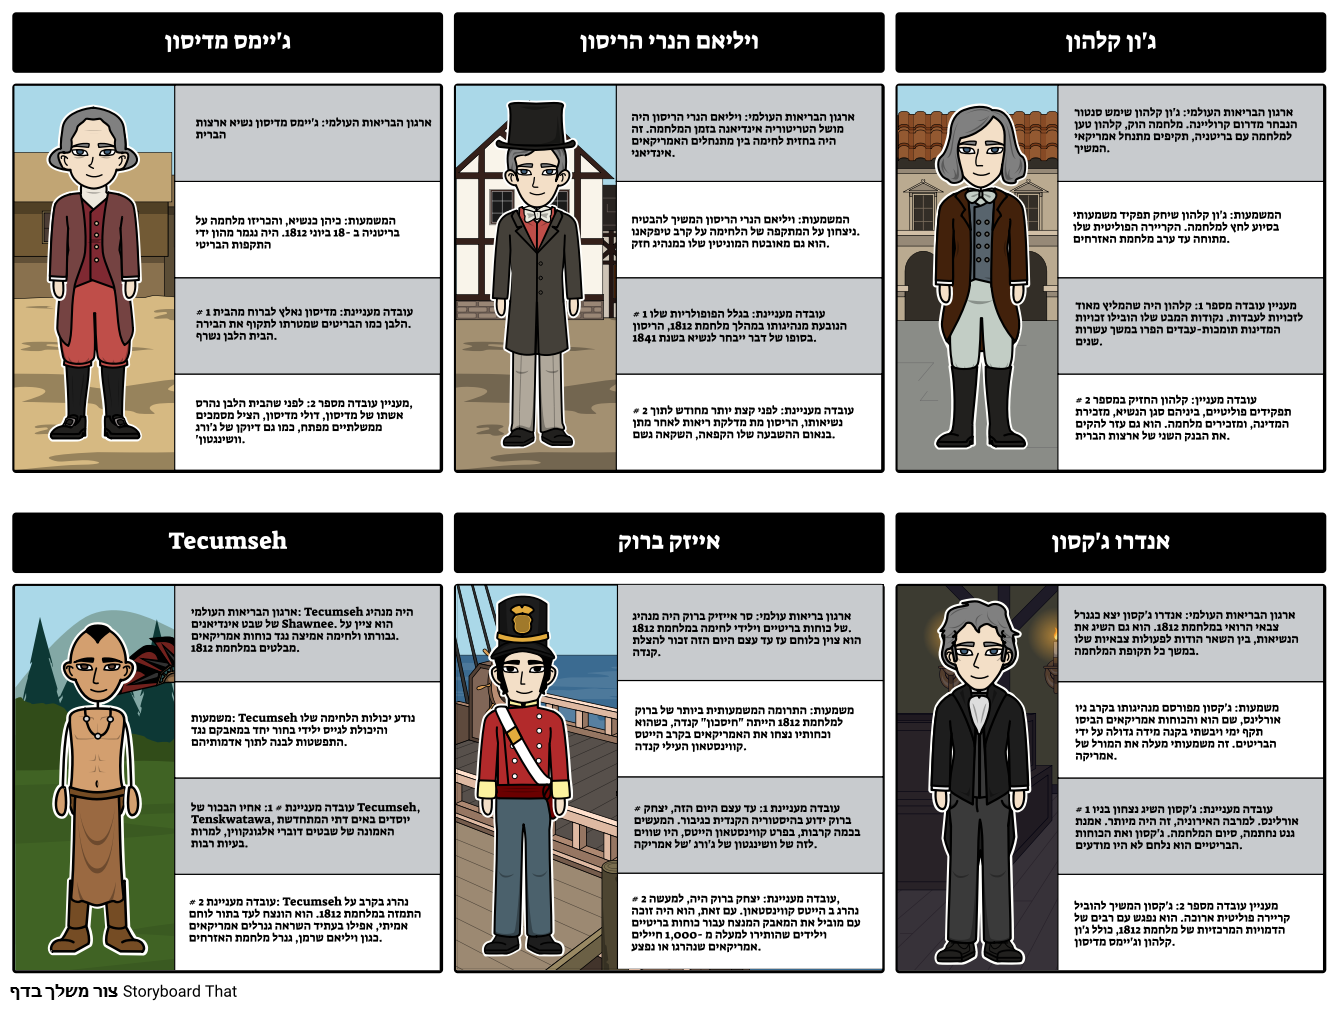 מלחמת 1812 - דמויות מרכזיות במלחמת 1812